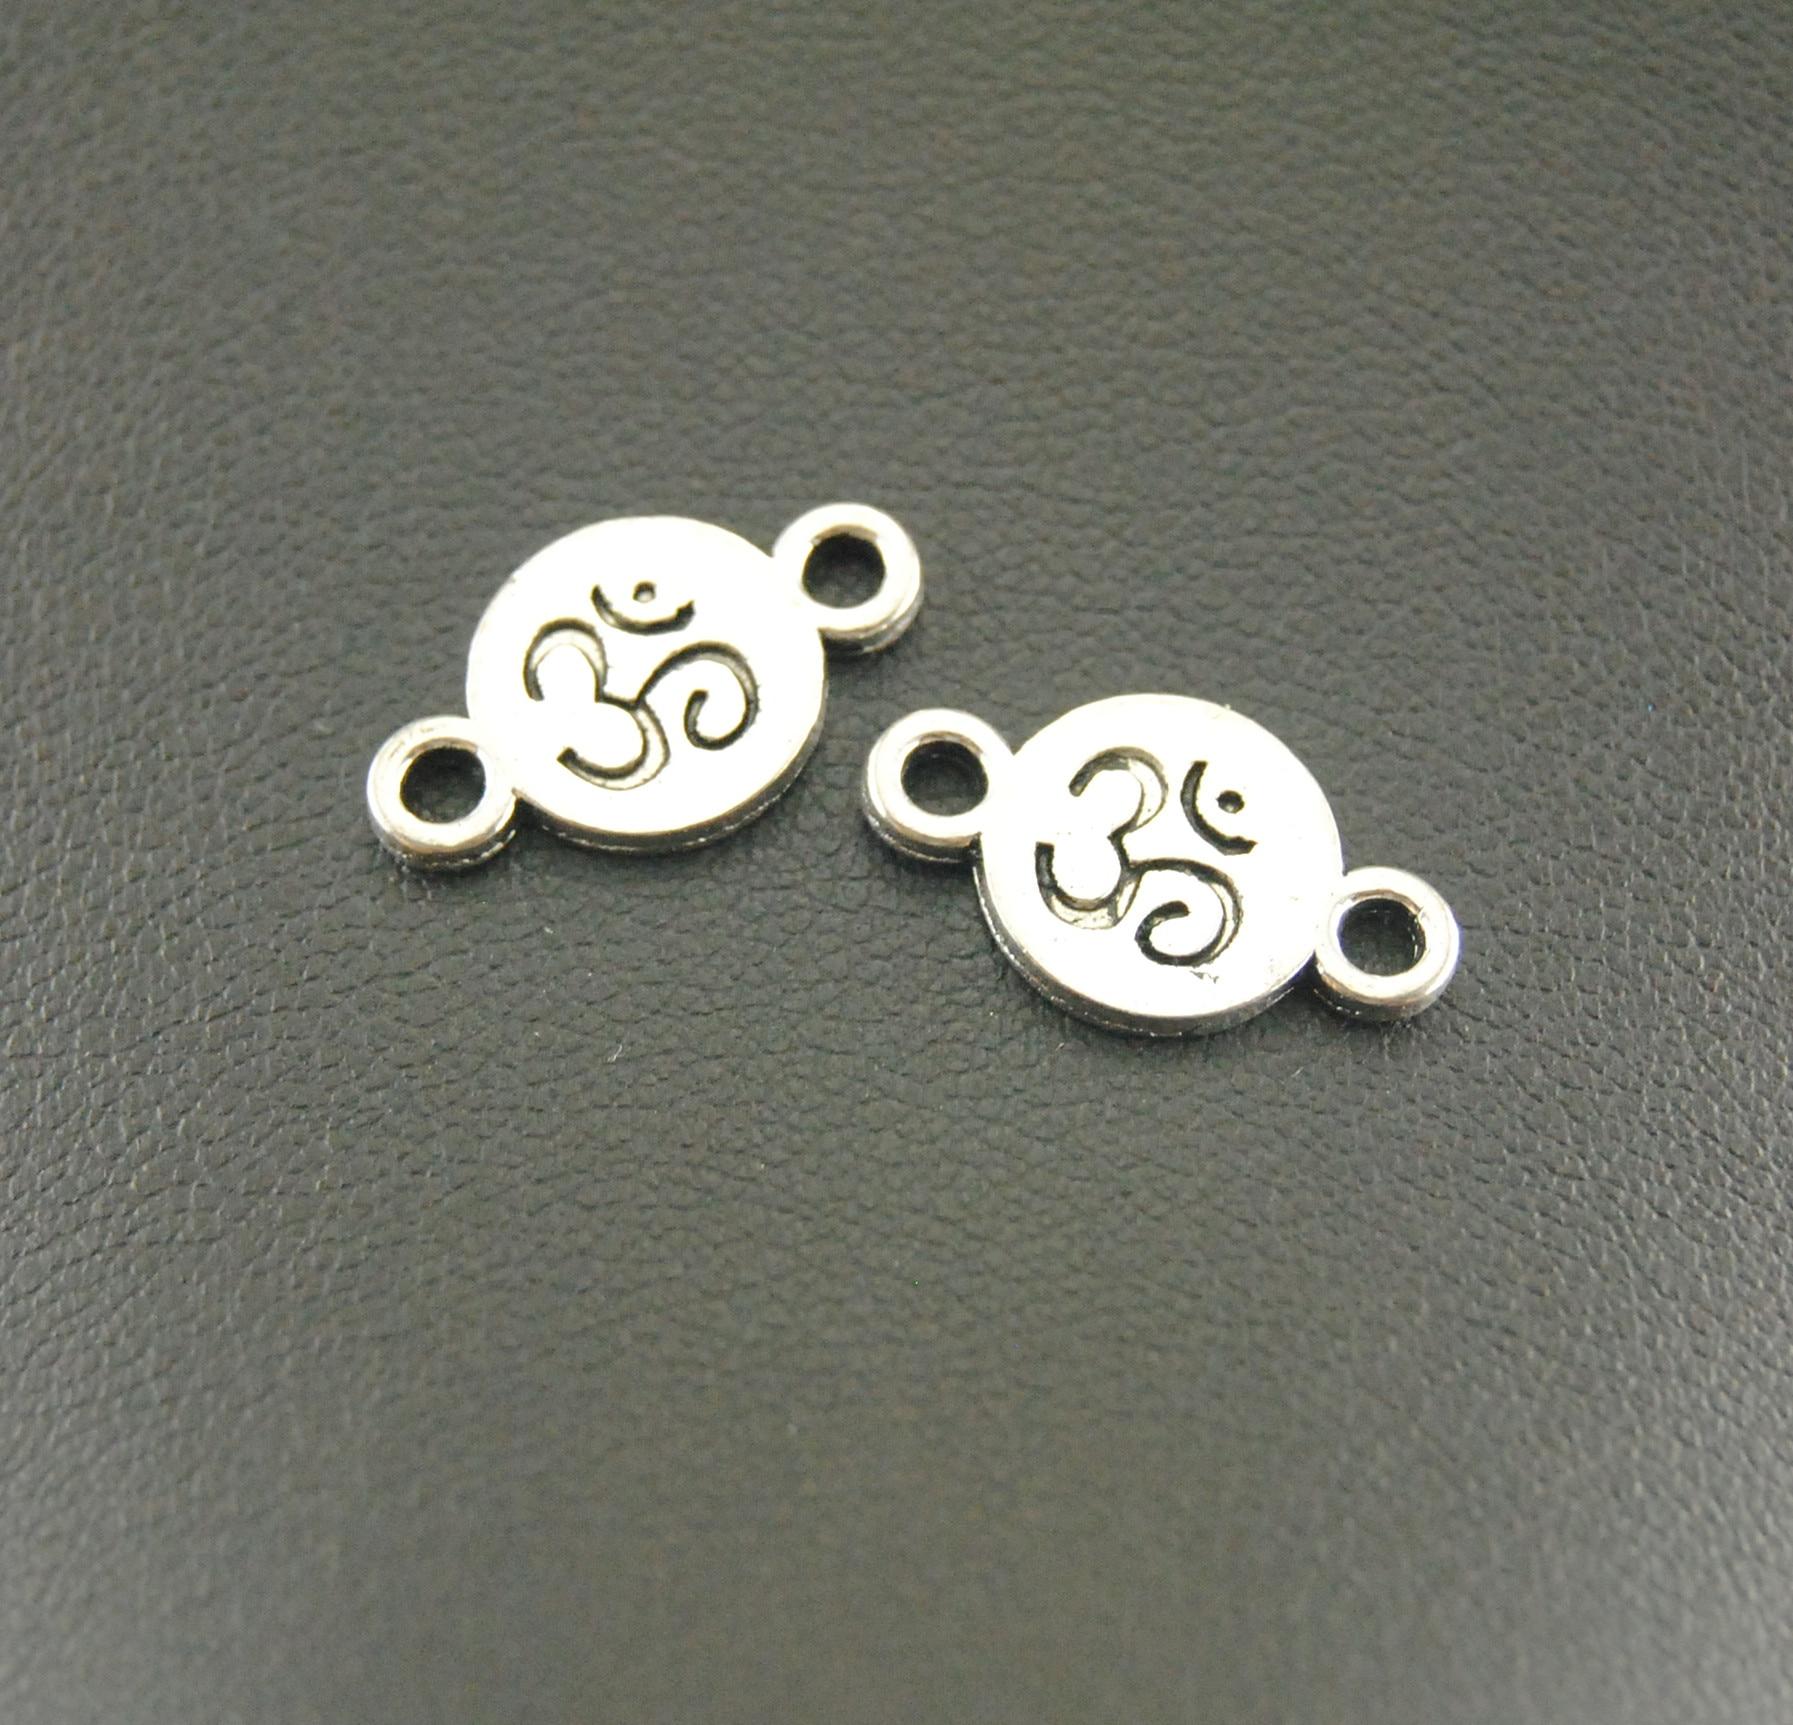 20 colgantes de plata OM Aum Ohm Mantra Sign Disc con abalorios hechos a mano, accesorios de joyería A910